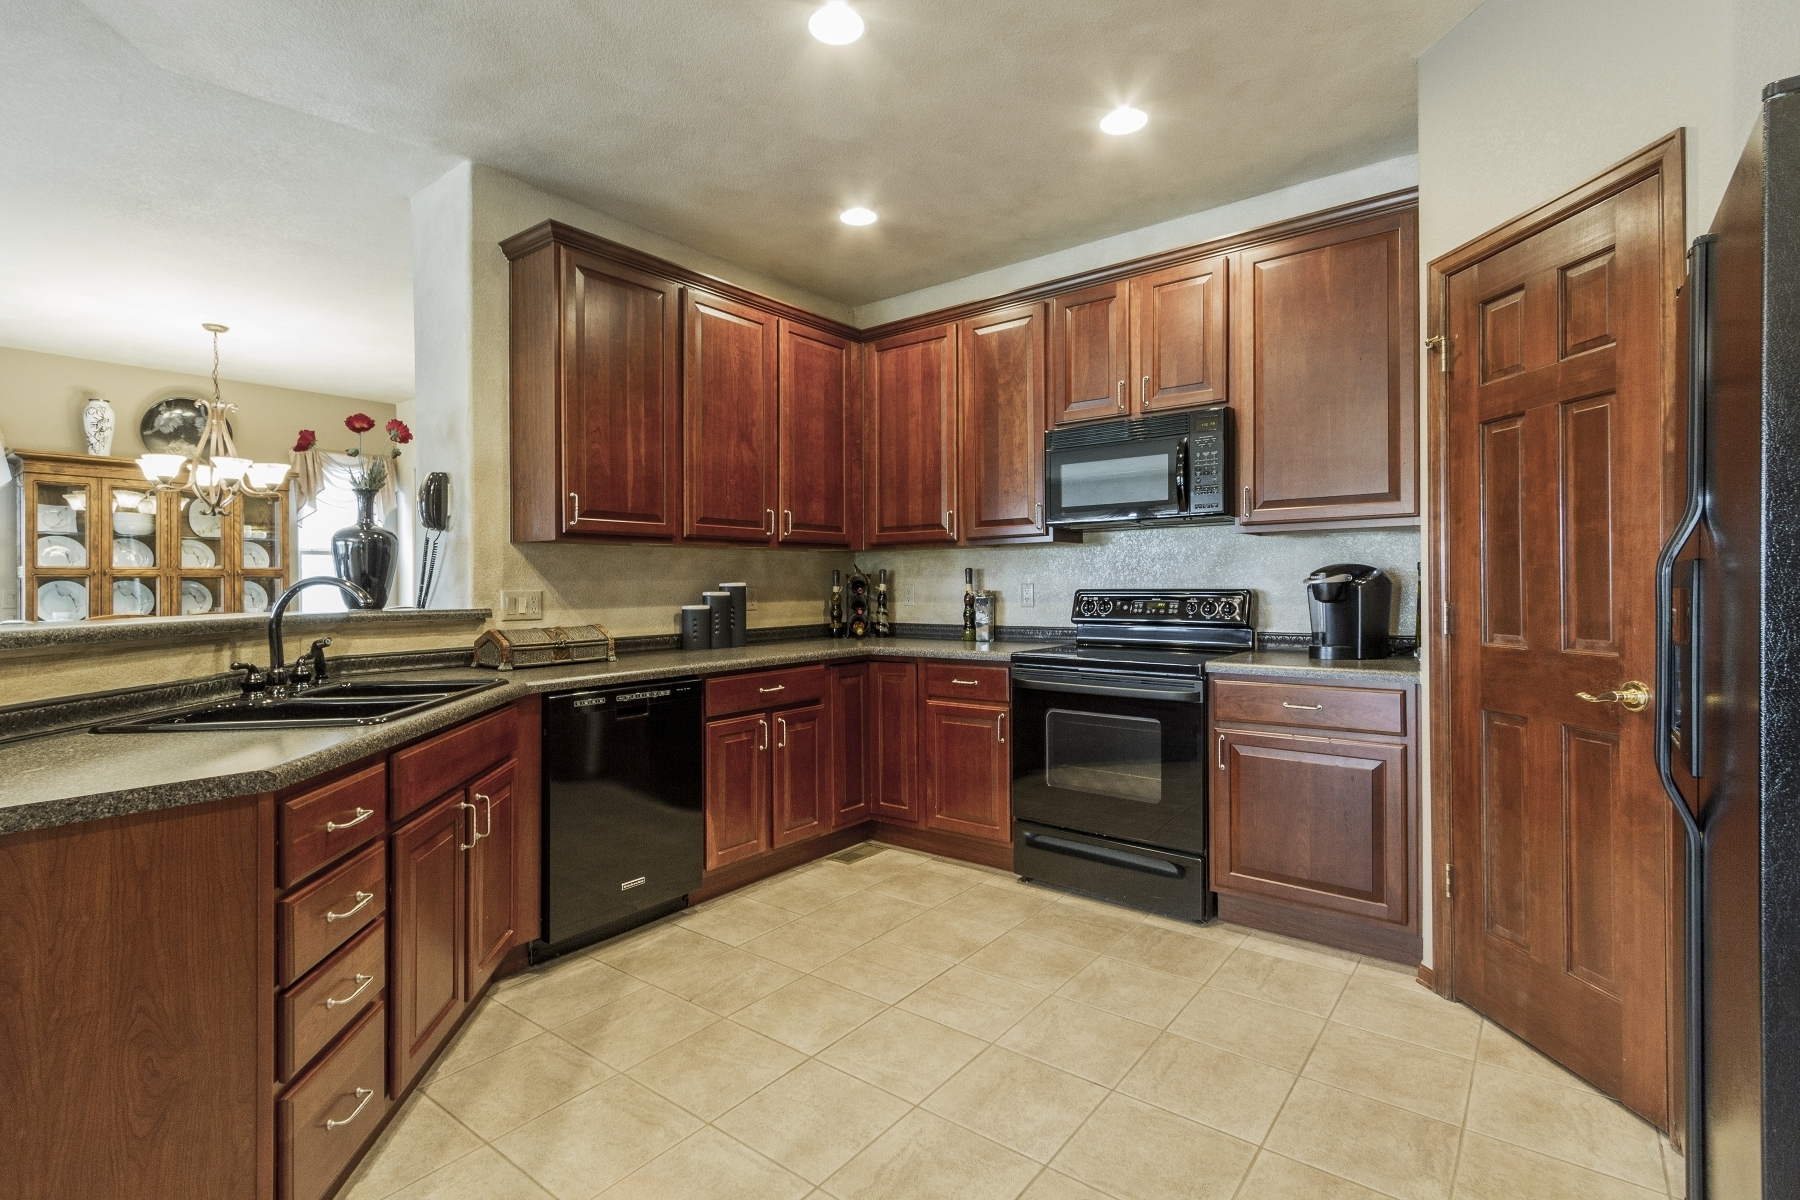 Kitchen_1800x1200_2762644.jpg